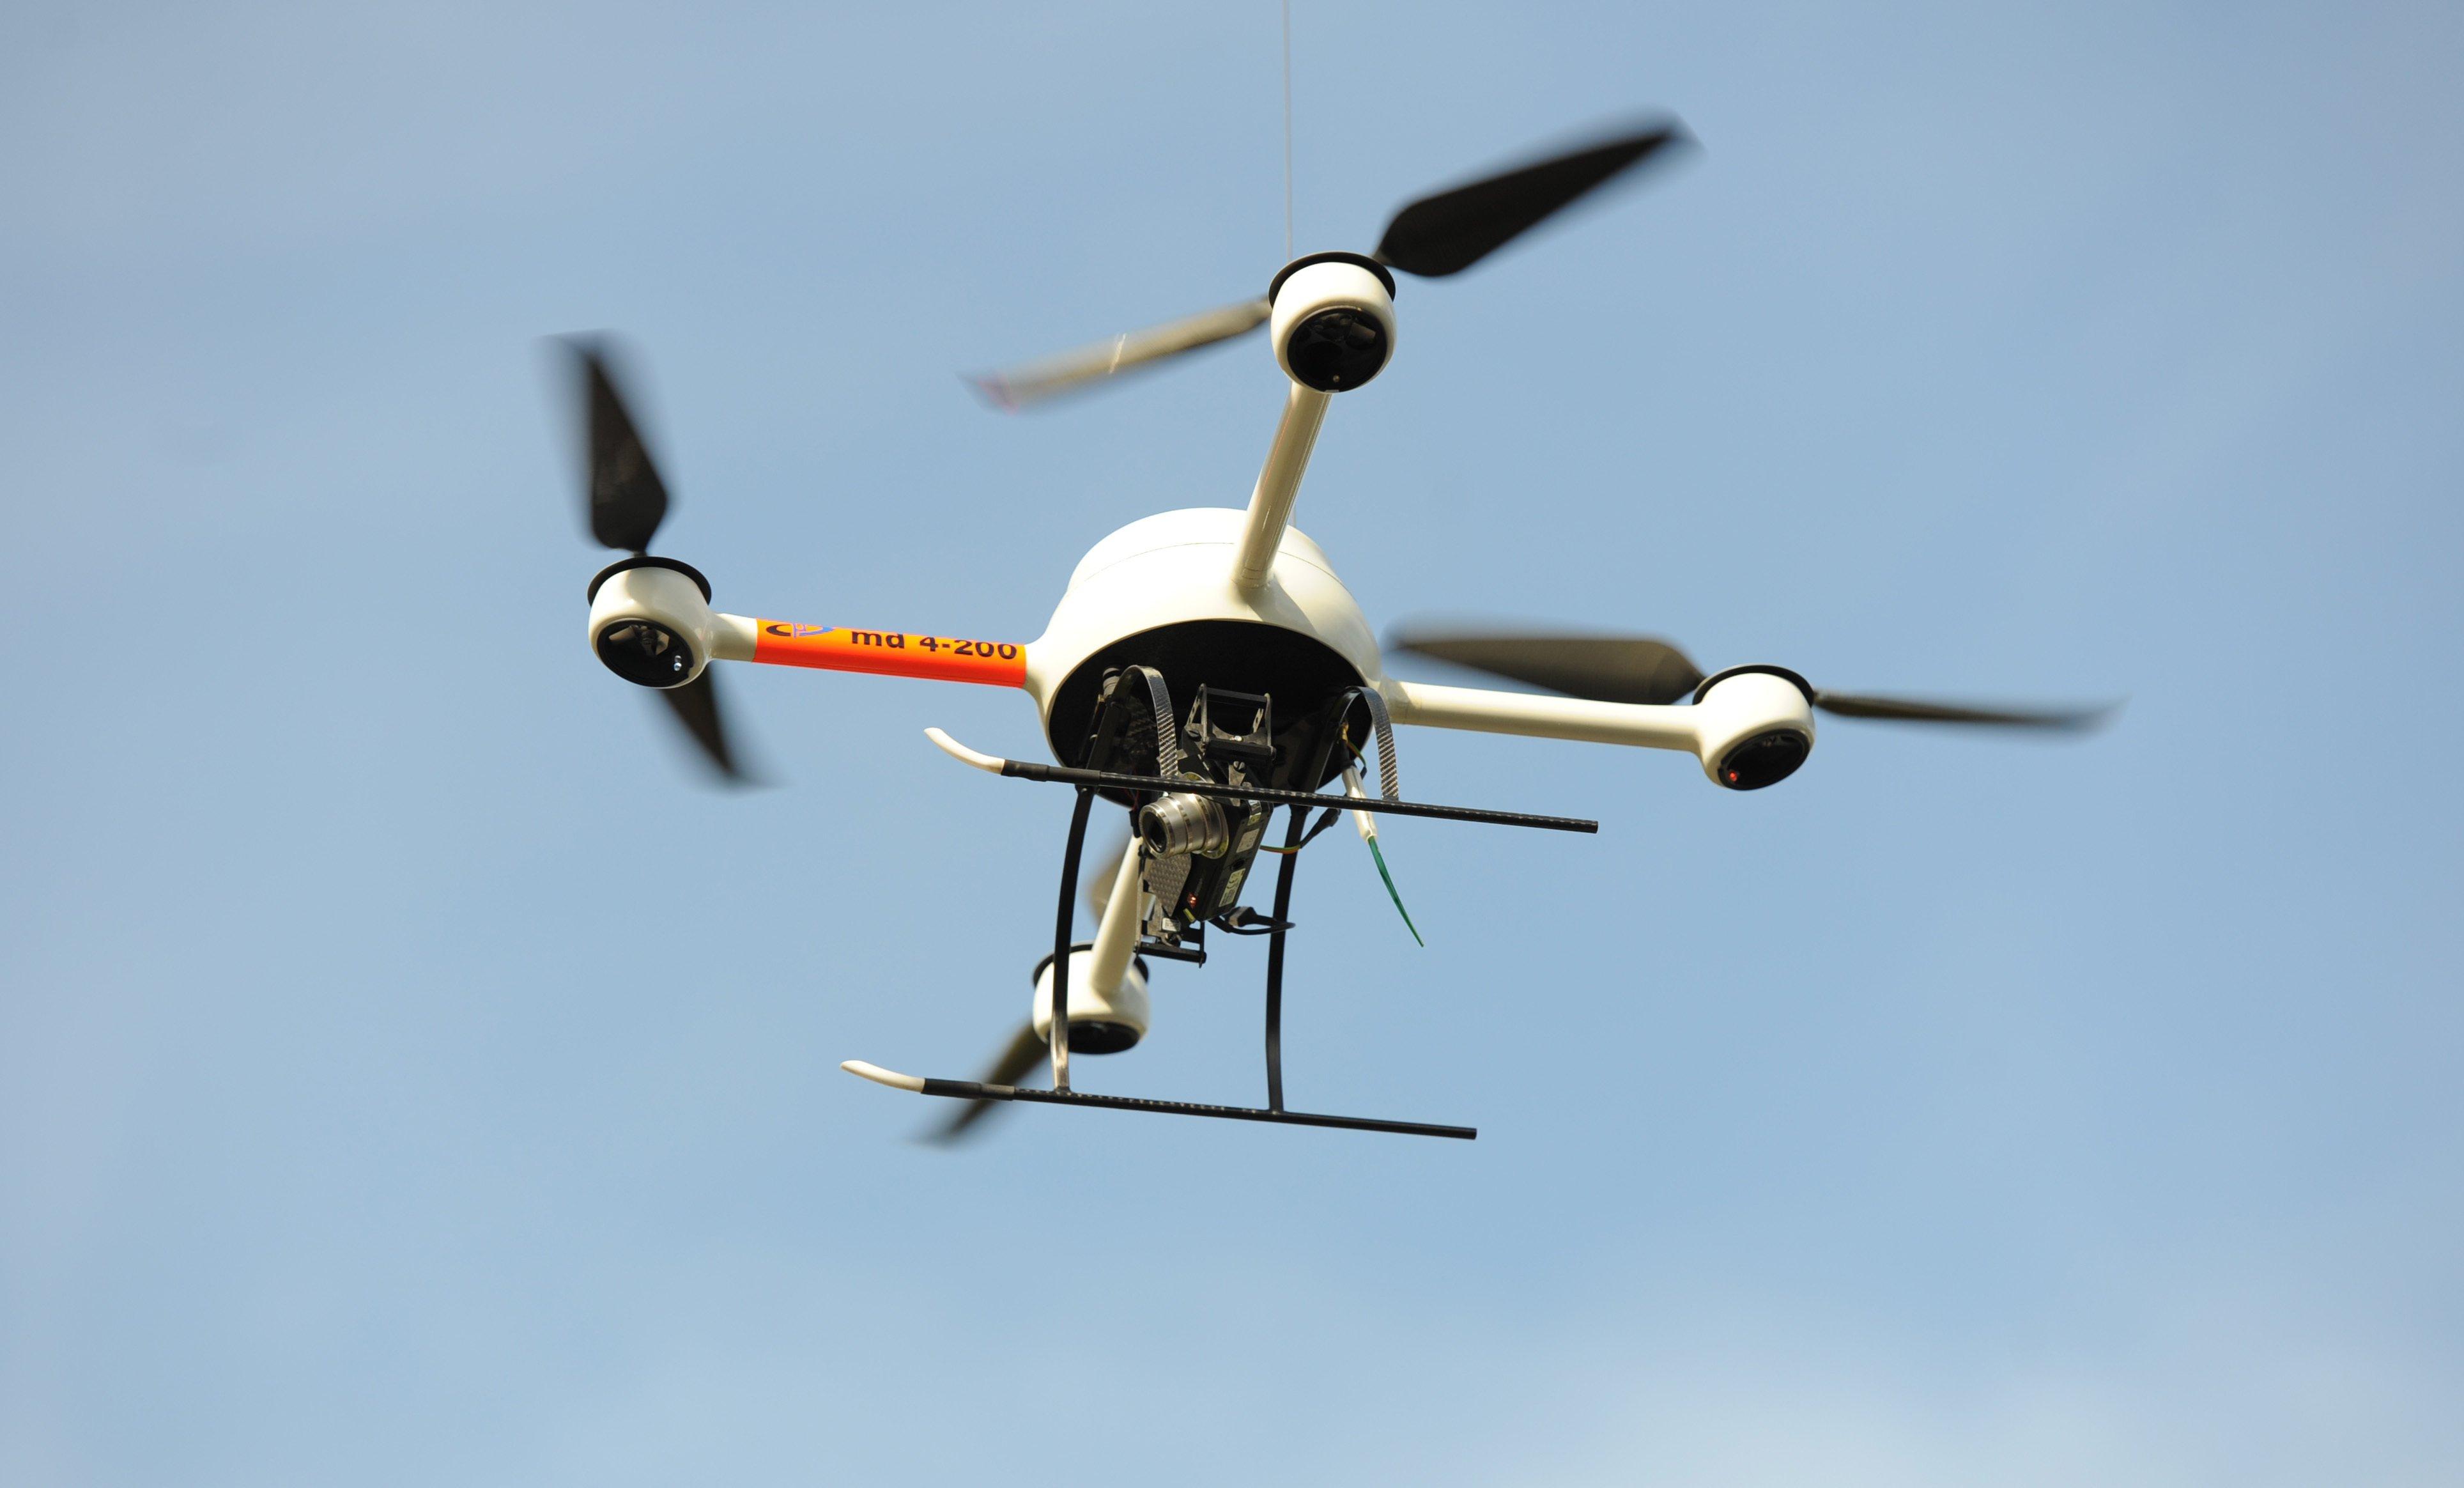 Eine Drohne der Polizei: Sie verfügt über eine Kamera, mit der aus der Luft – beispielsweise zu Überwachungszwecken – gefilmt werden kann.